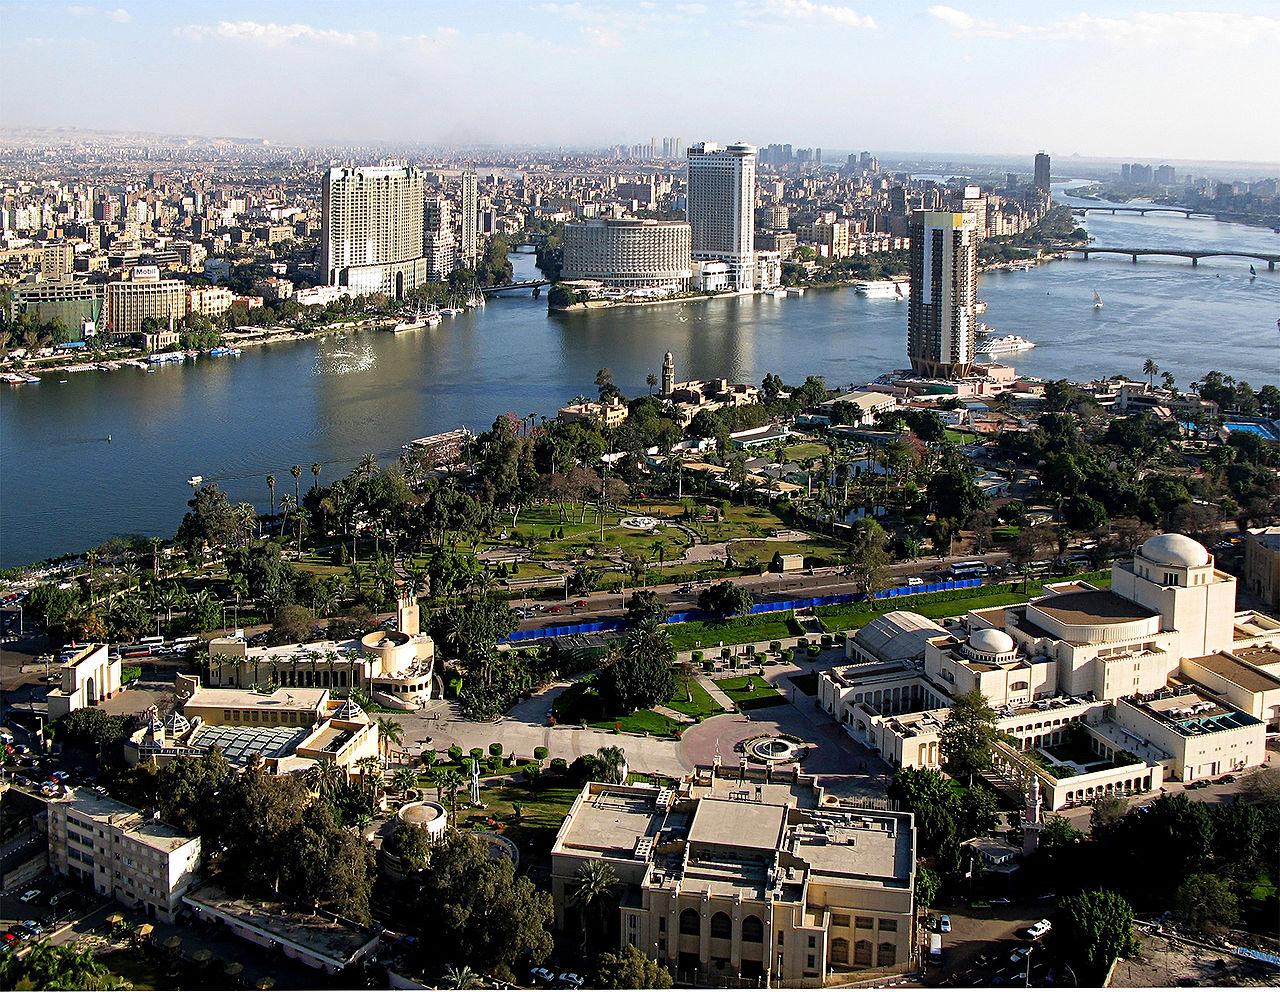 Le Caire, capitale de l'Égypte